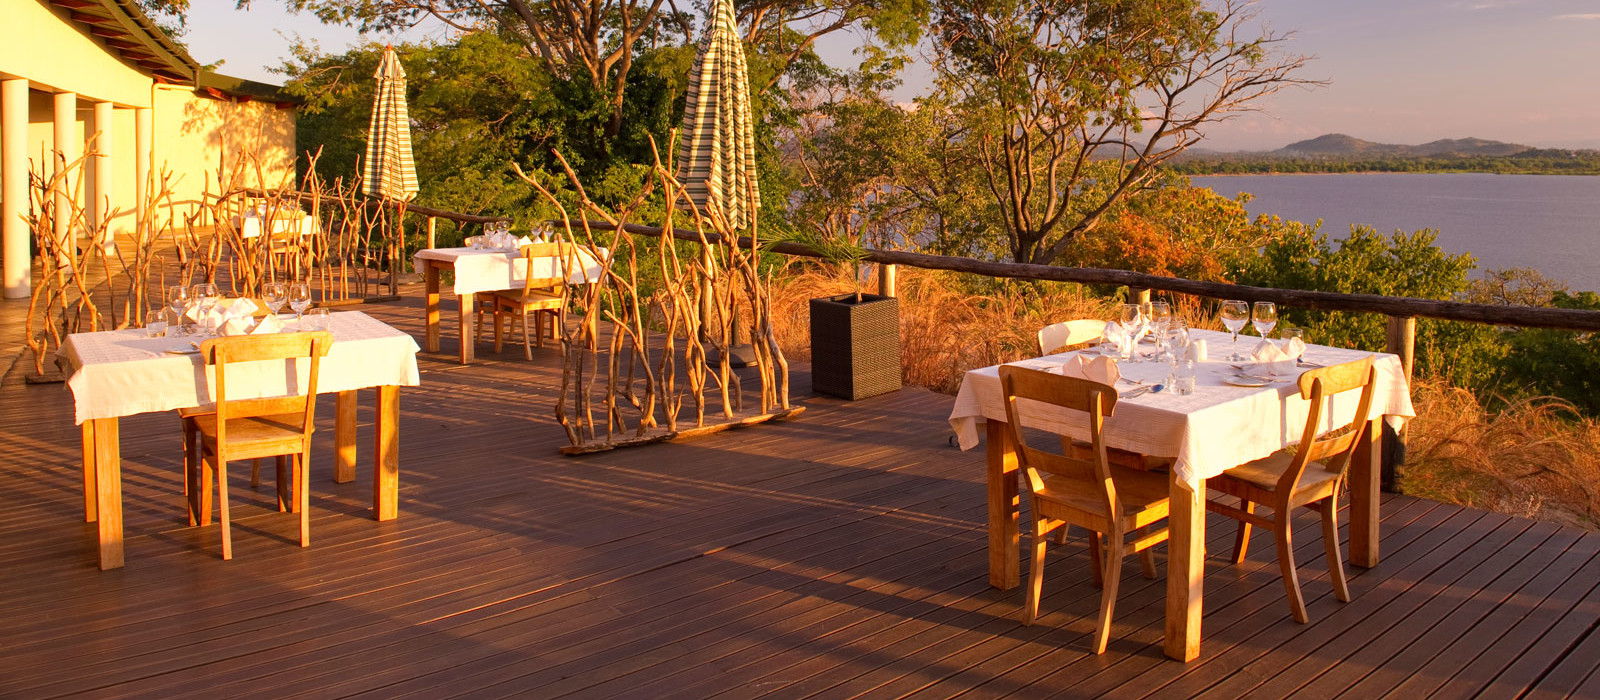 Hotel Pumulani Beach Lodge Malawi